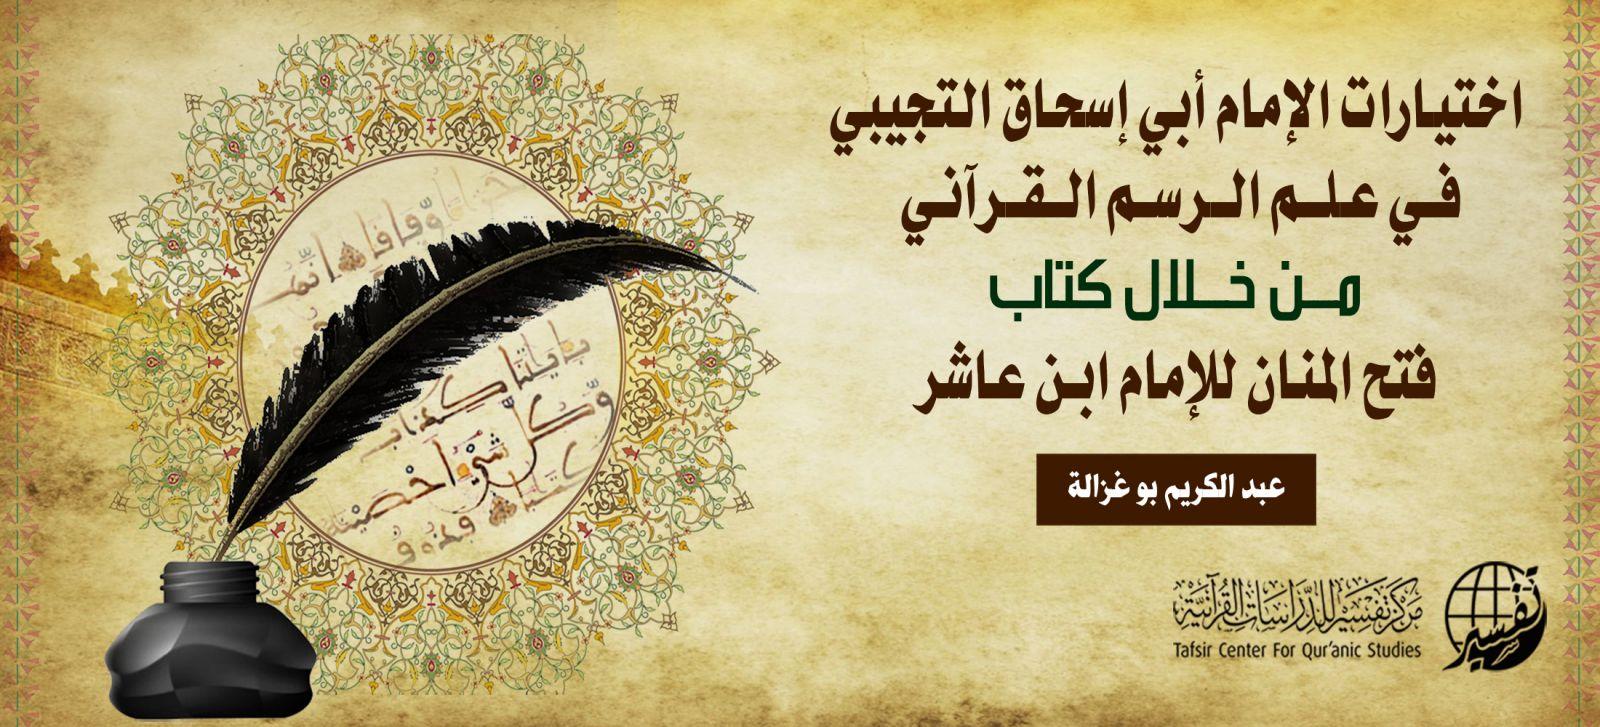 اختيارات الإمام أبي إسحاق التجيبي في علم الرسم القرآني من خلال كتاب فتح المنان للإمام ابن عاشر